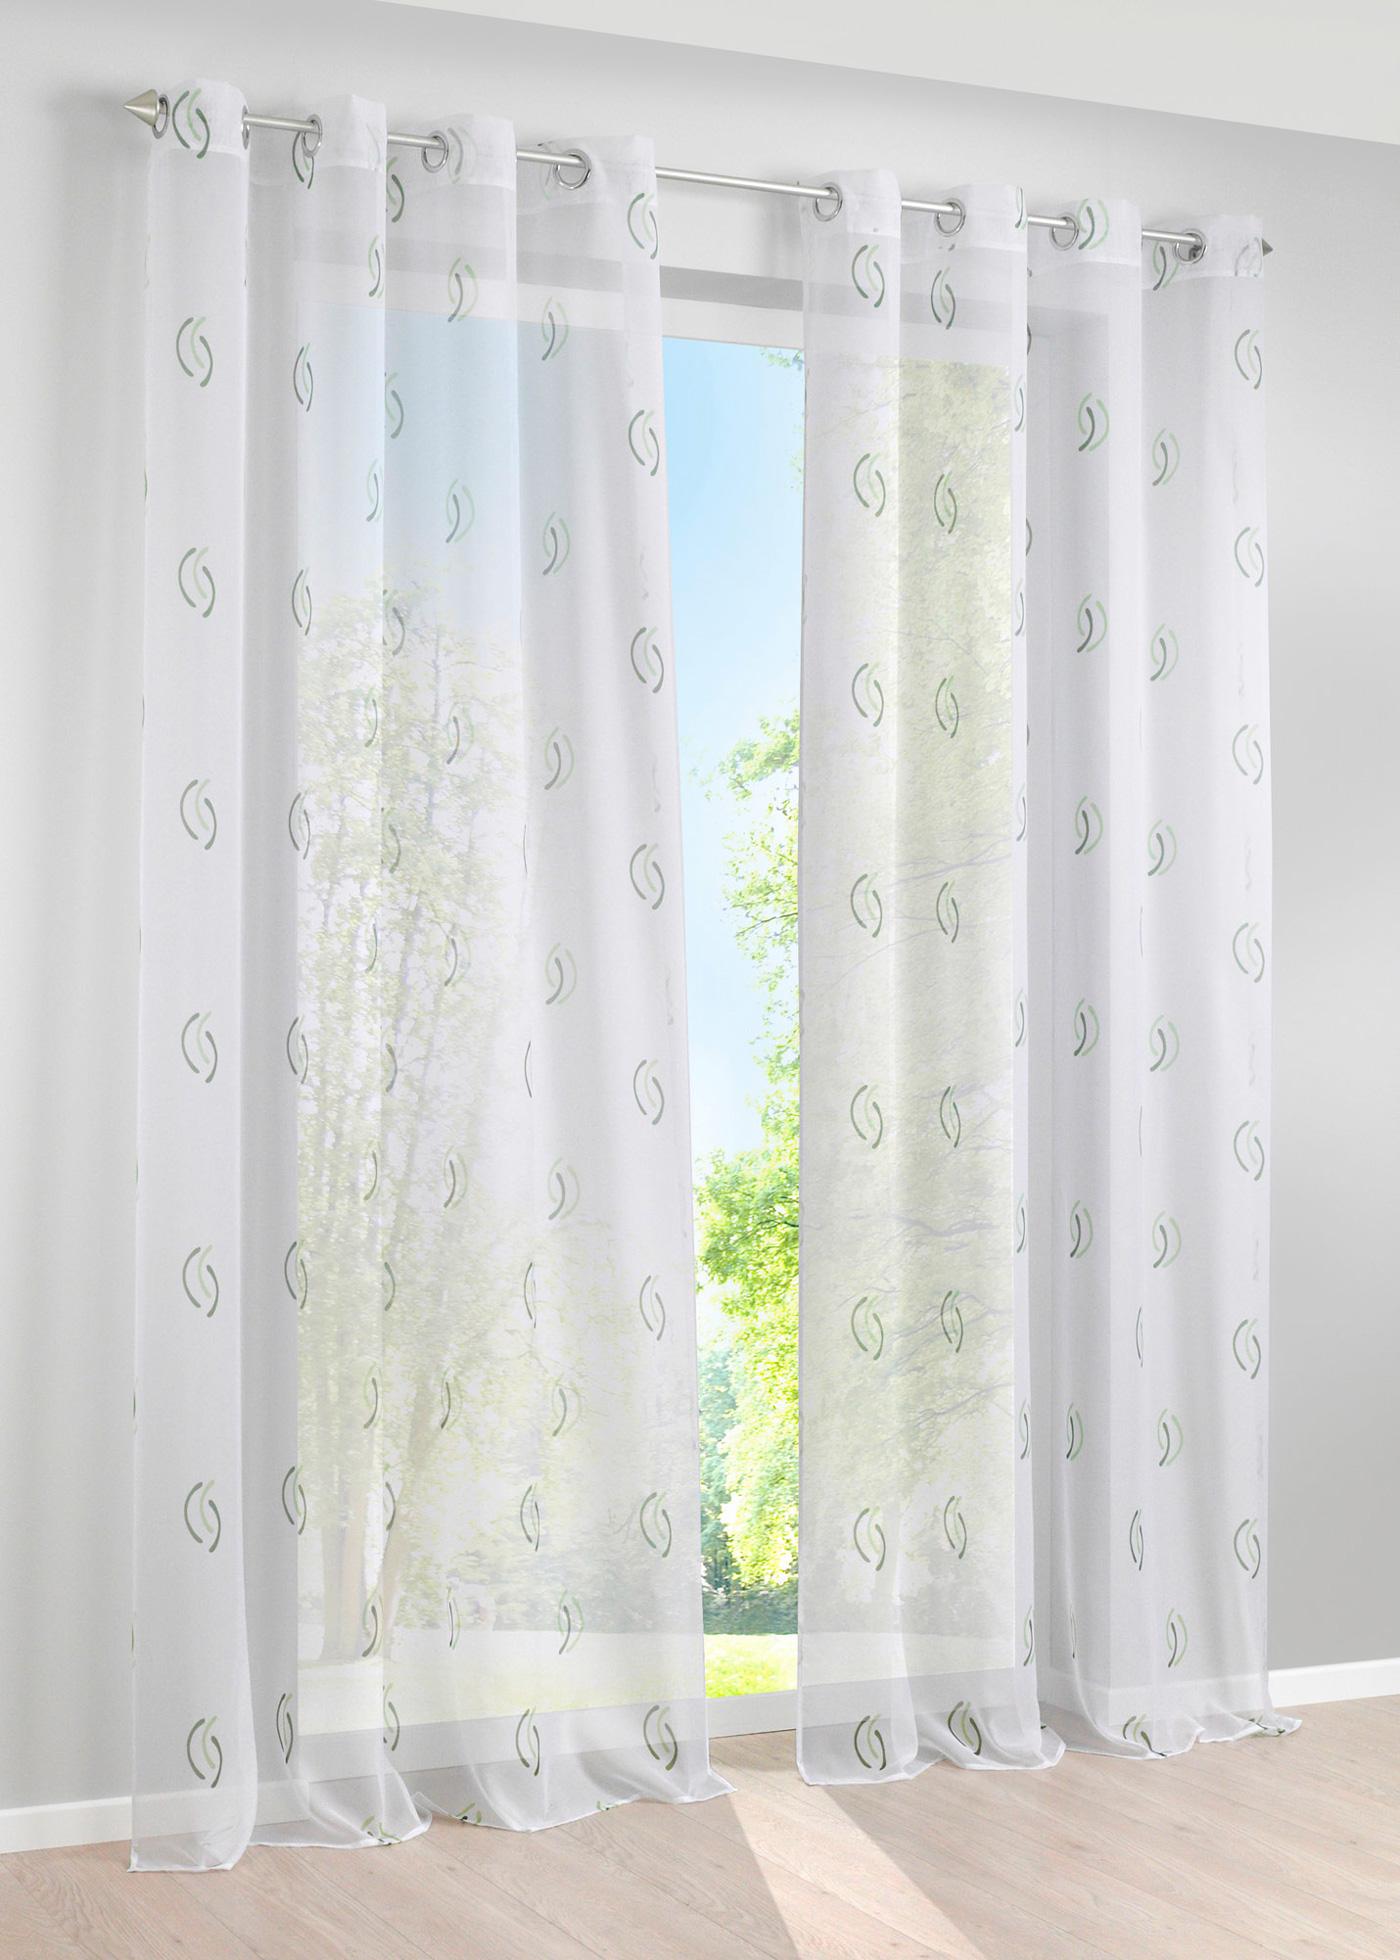 gardinen mit oesen gr n sonstige preisvergleiche erfahrungsberichte und kauf bei nextag. Black Bedroom Furniture Sets. Home Design Ideas